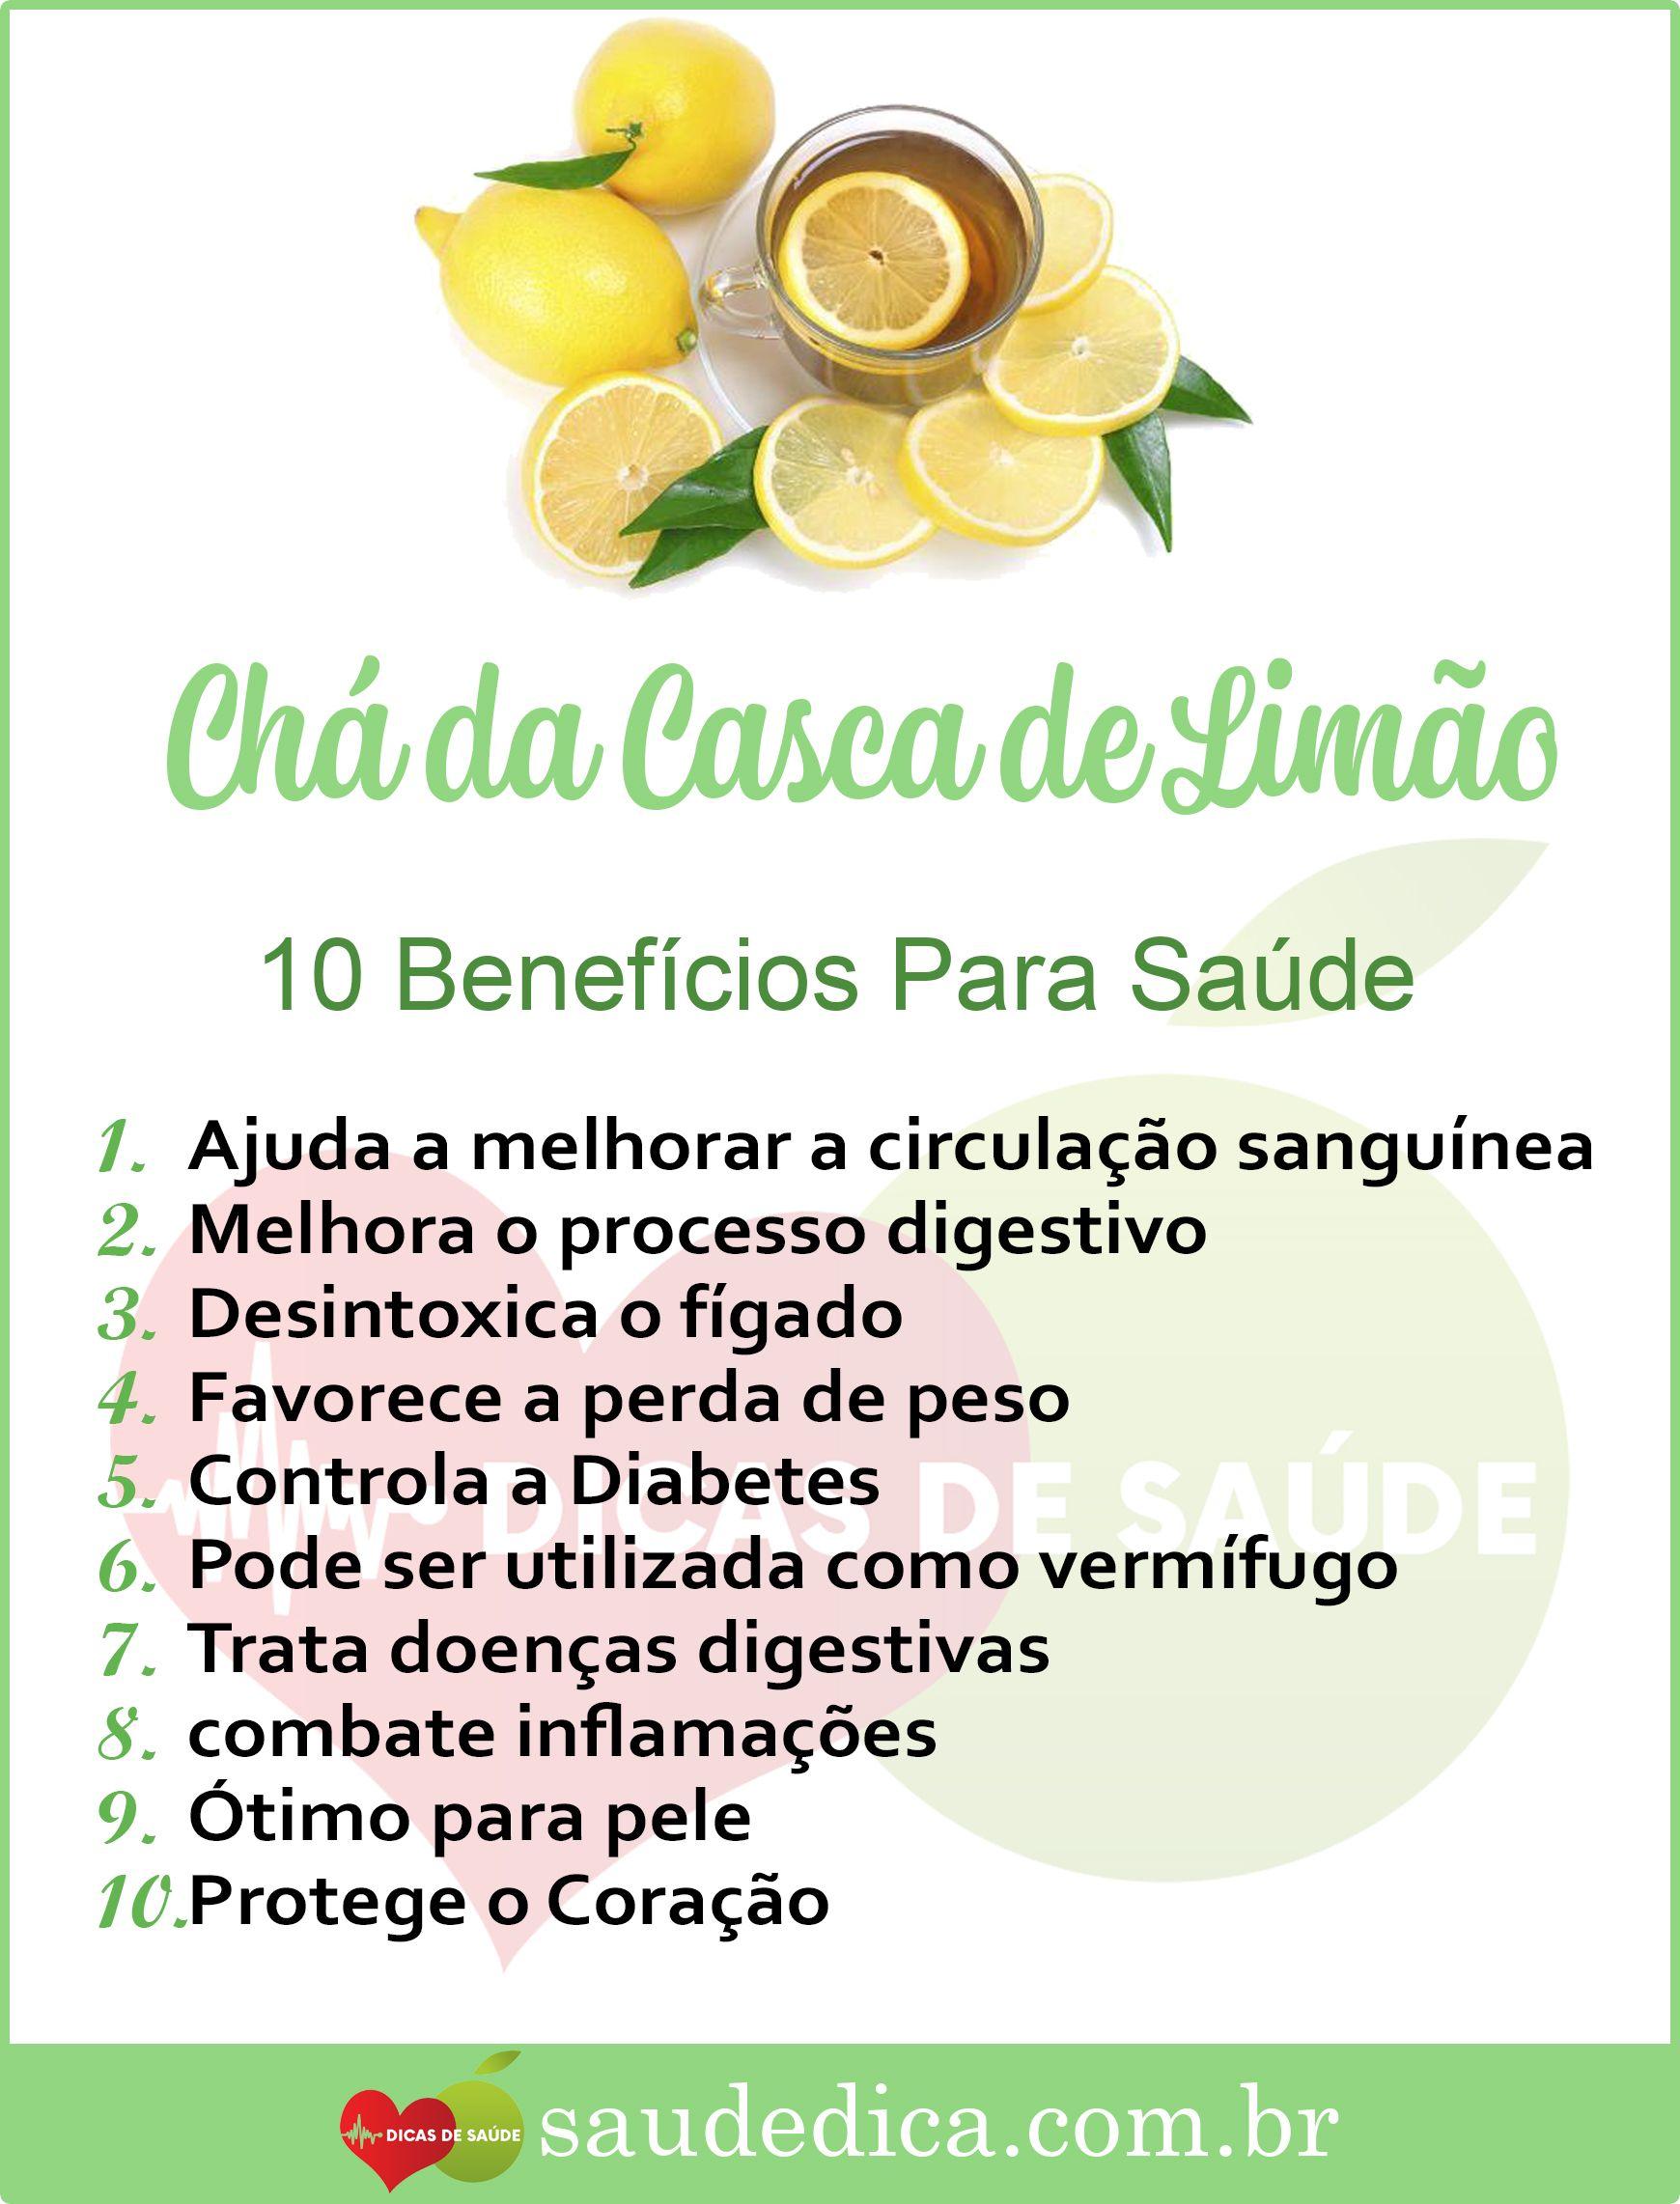 Os 10 Beneficios Do Cha De Casca De Limao Para Saude Osteoporose